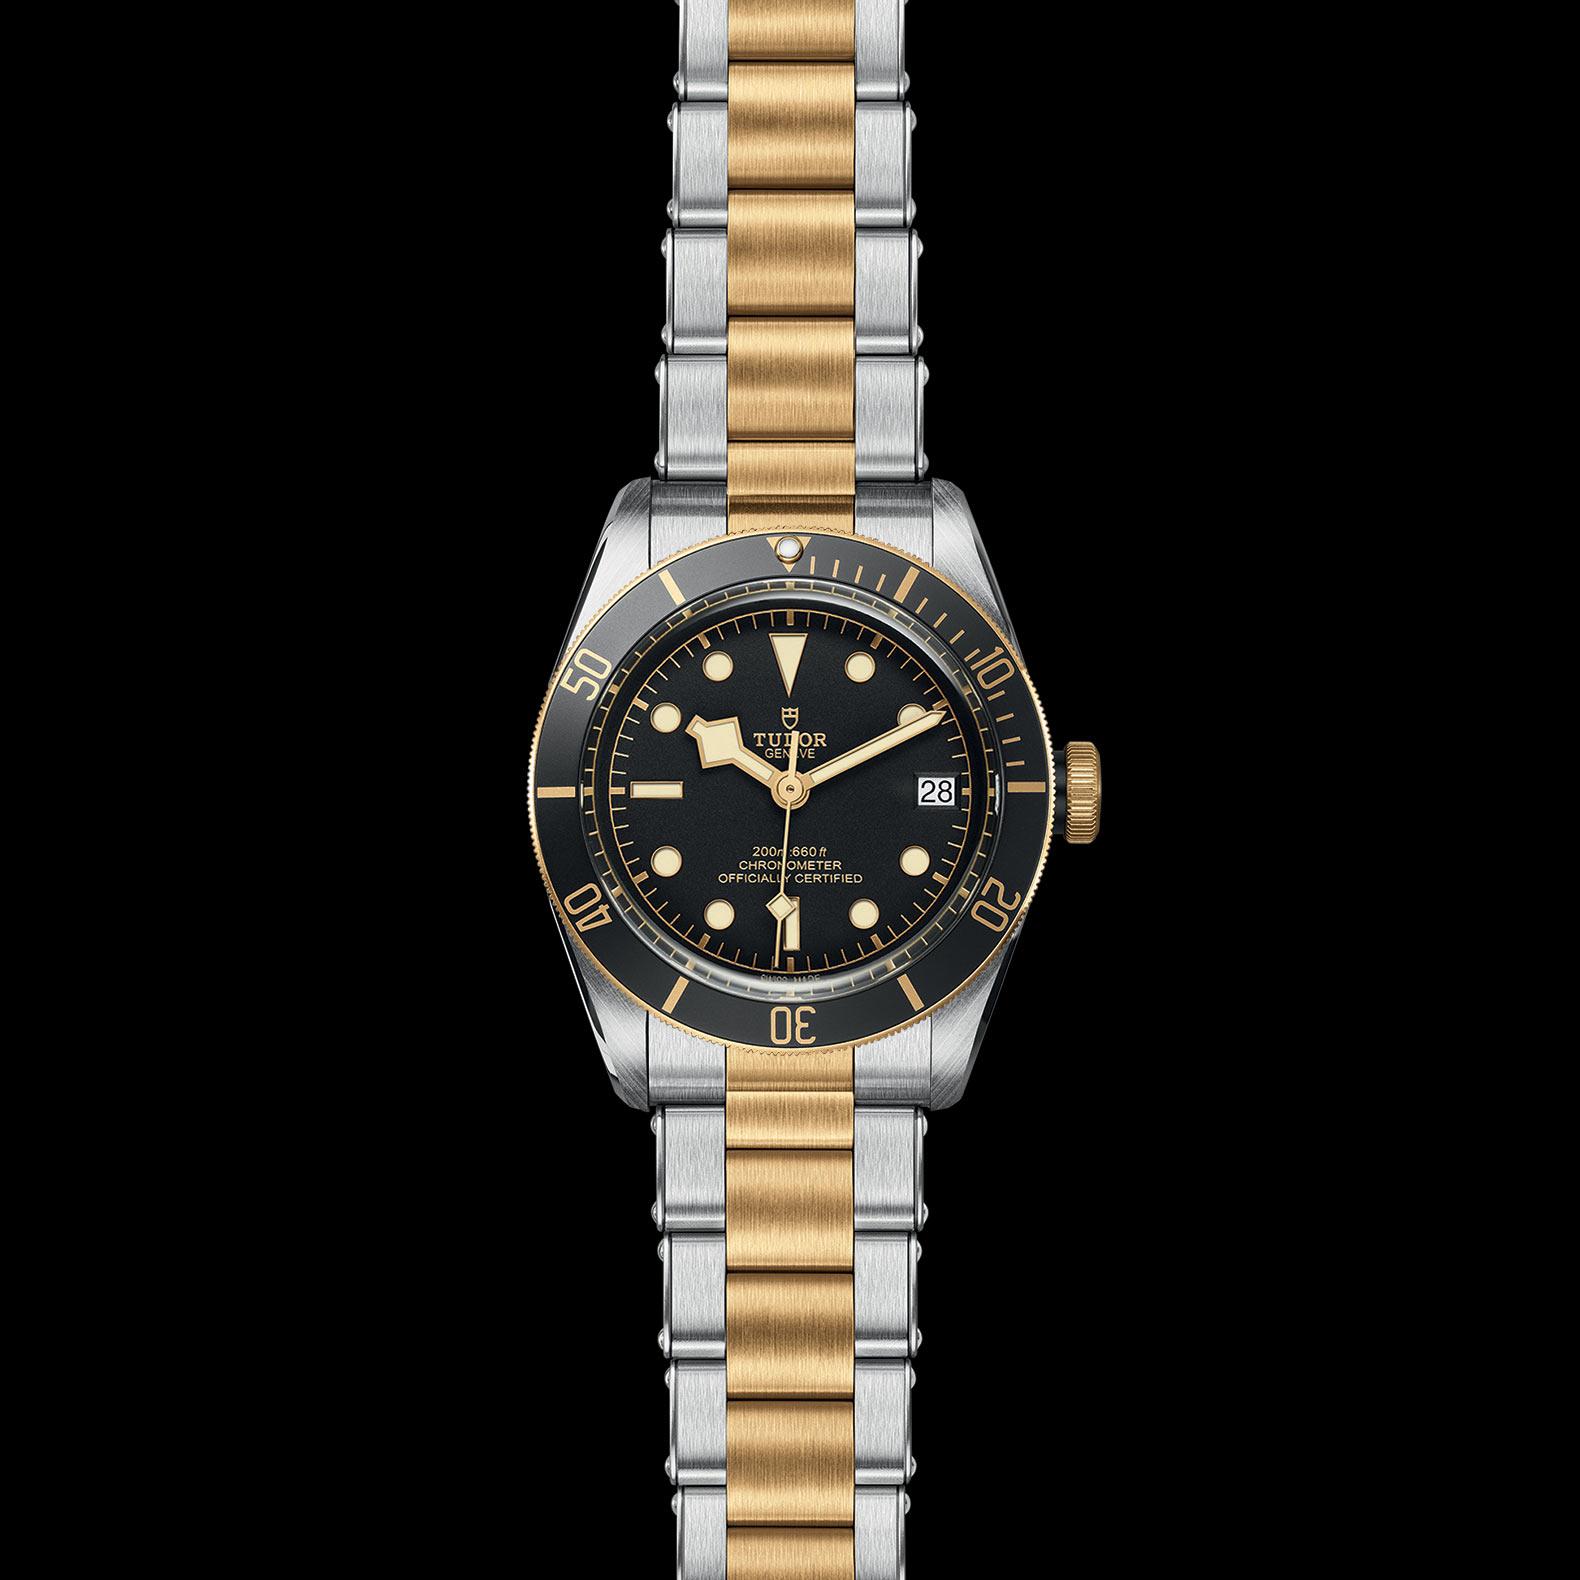 Reloj Tudor Black Bay Date S&G Automático en acero y oro amarillo 18k. Esfera negra e indicador de fecha.